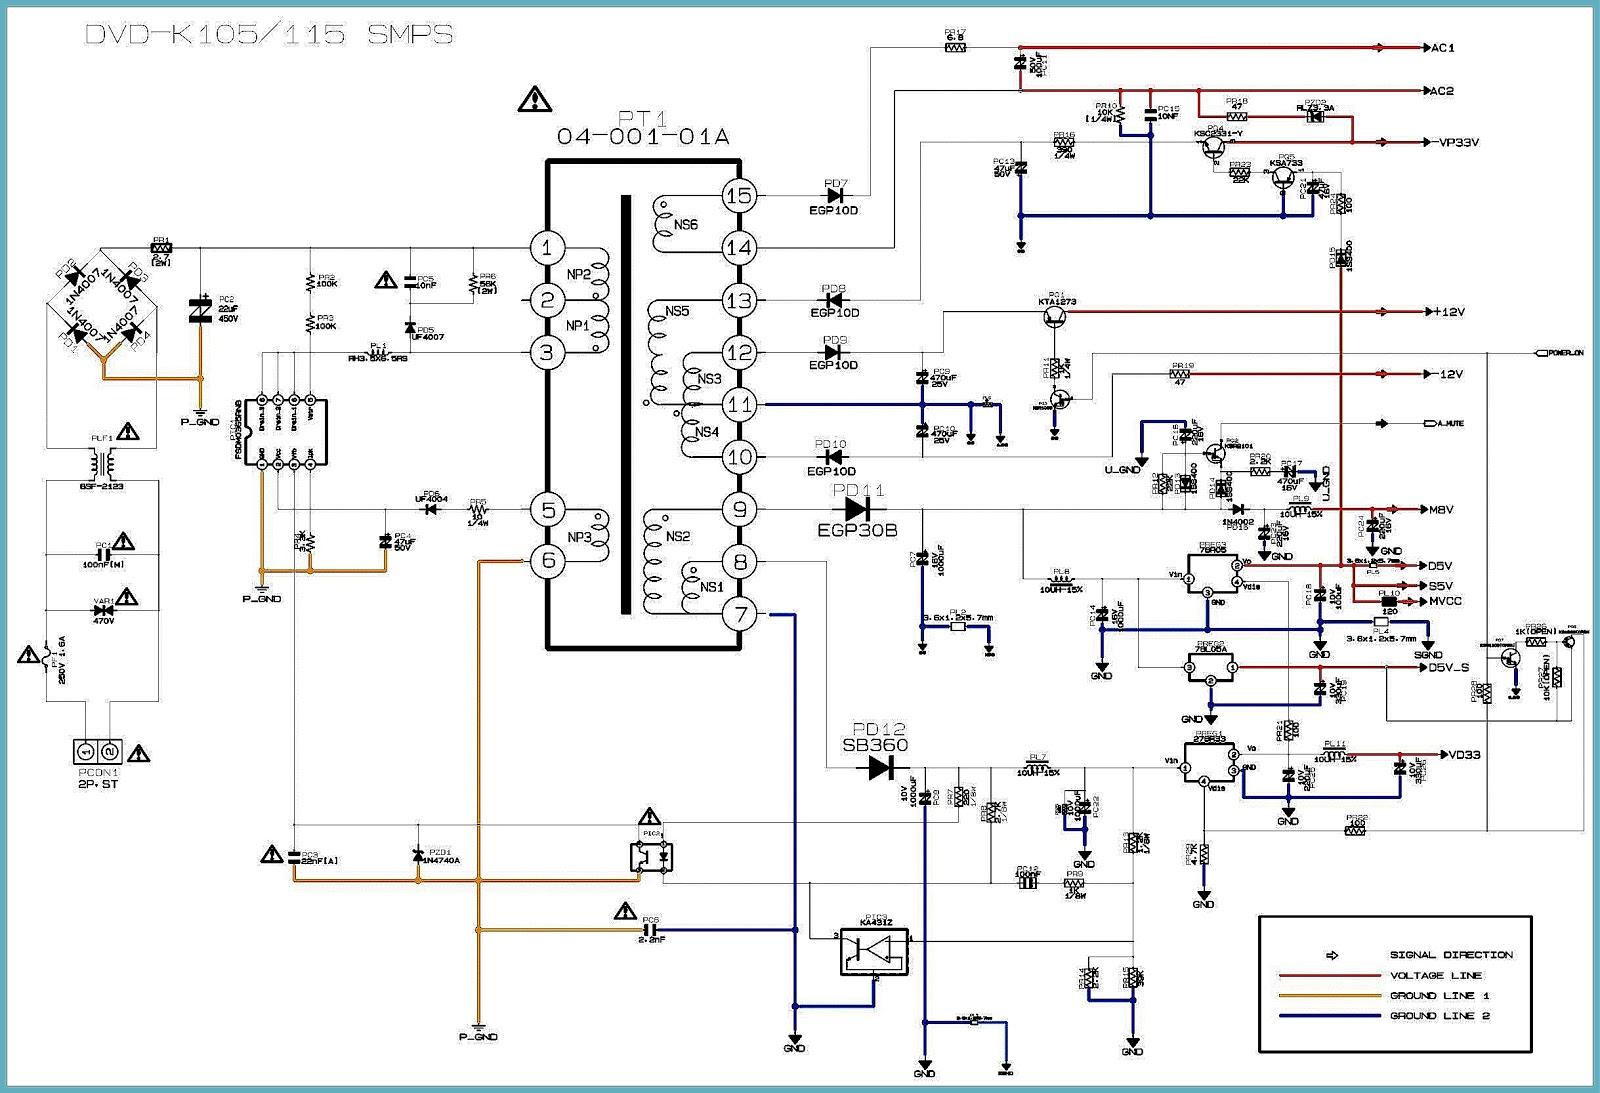 dvd wiring diagram wiring diagram page dvd player wiring block dvd circuit diagrams [ 1600 x 1093 Pixel ]